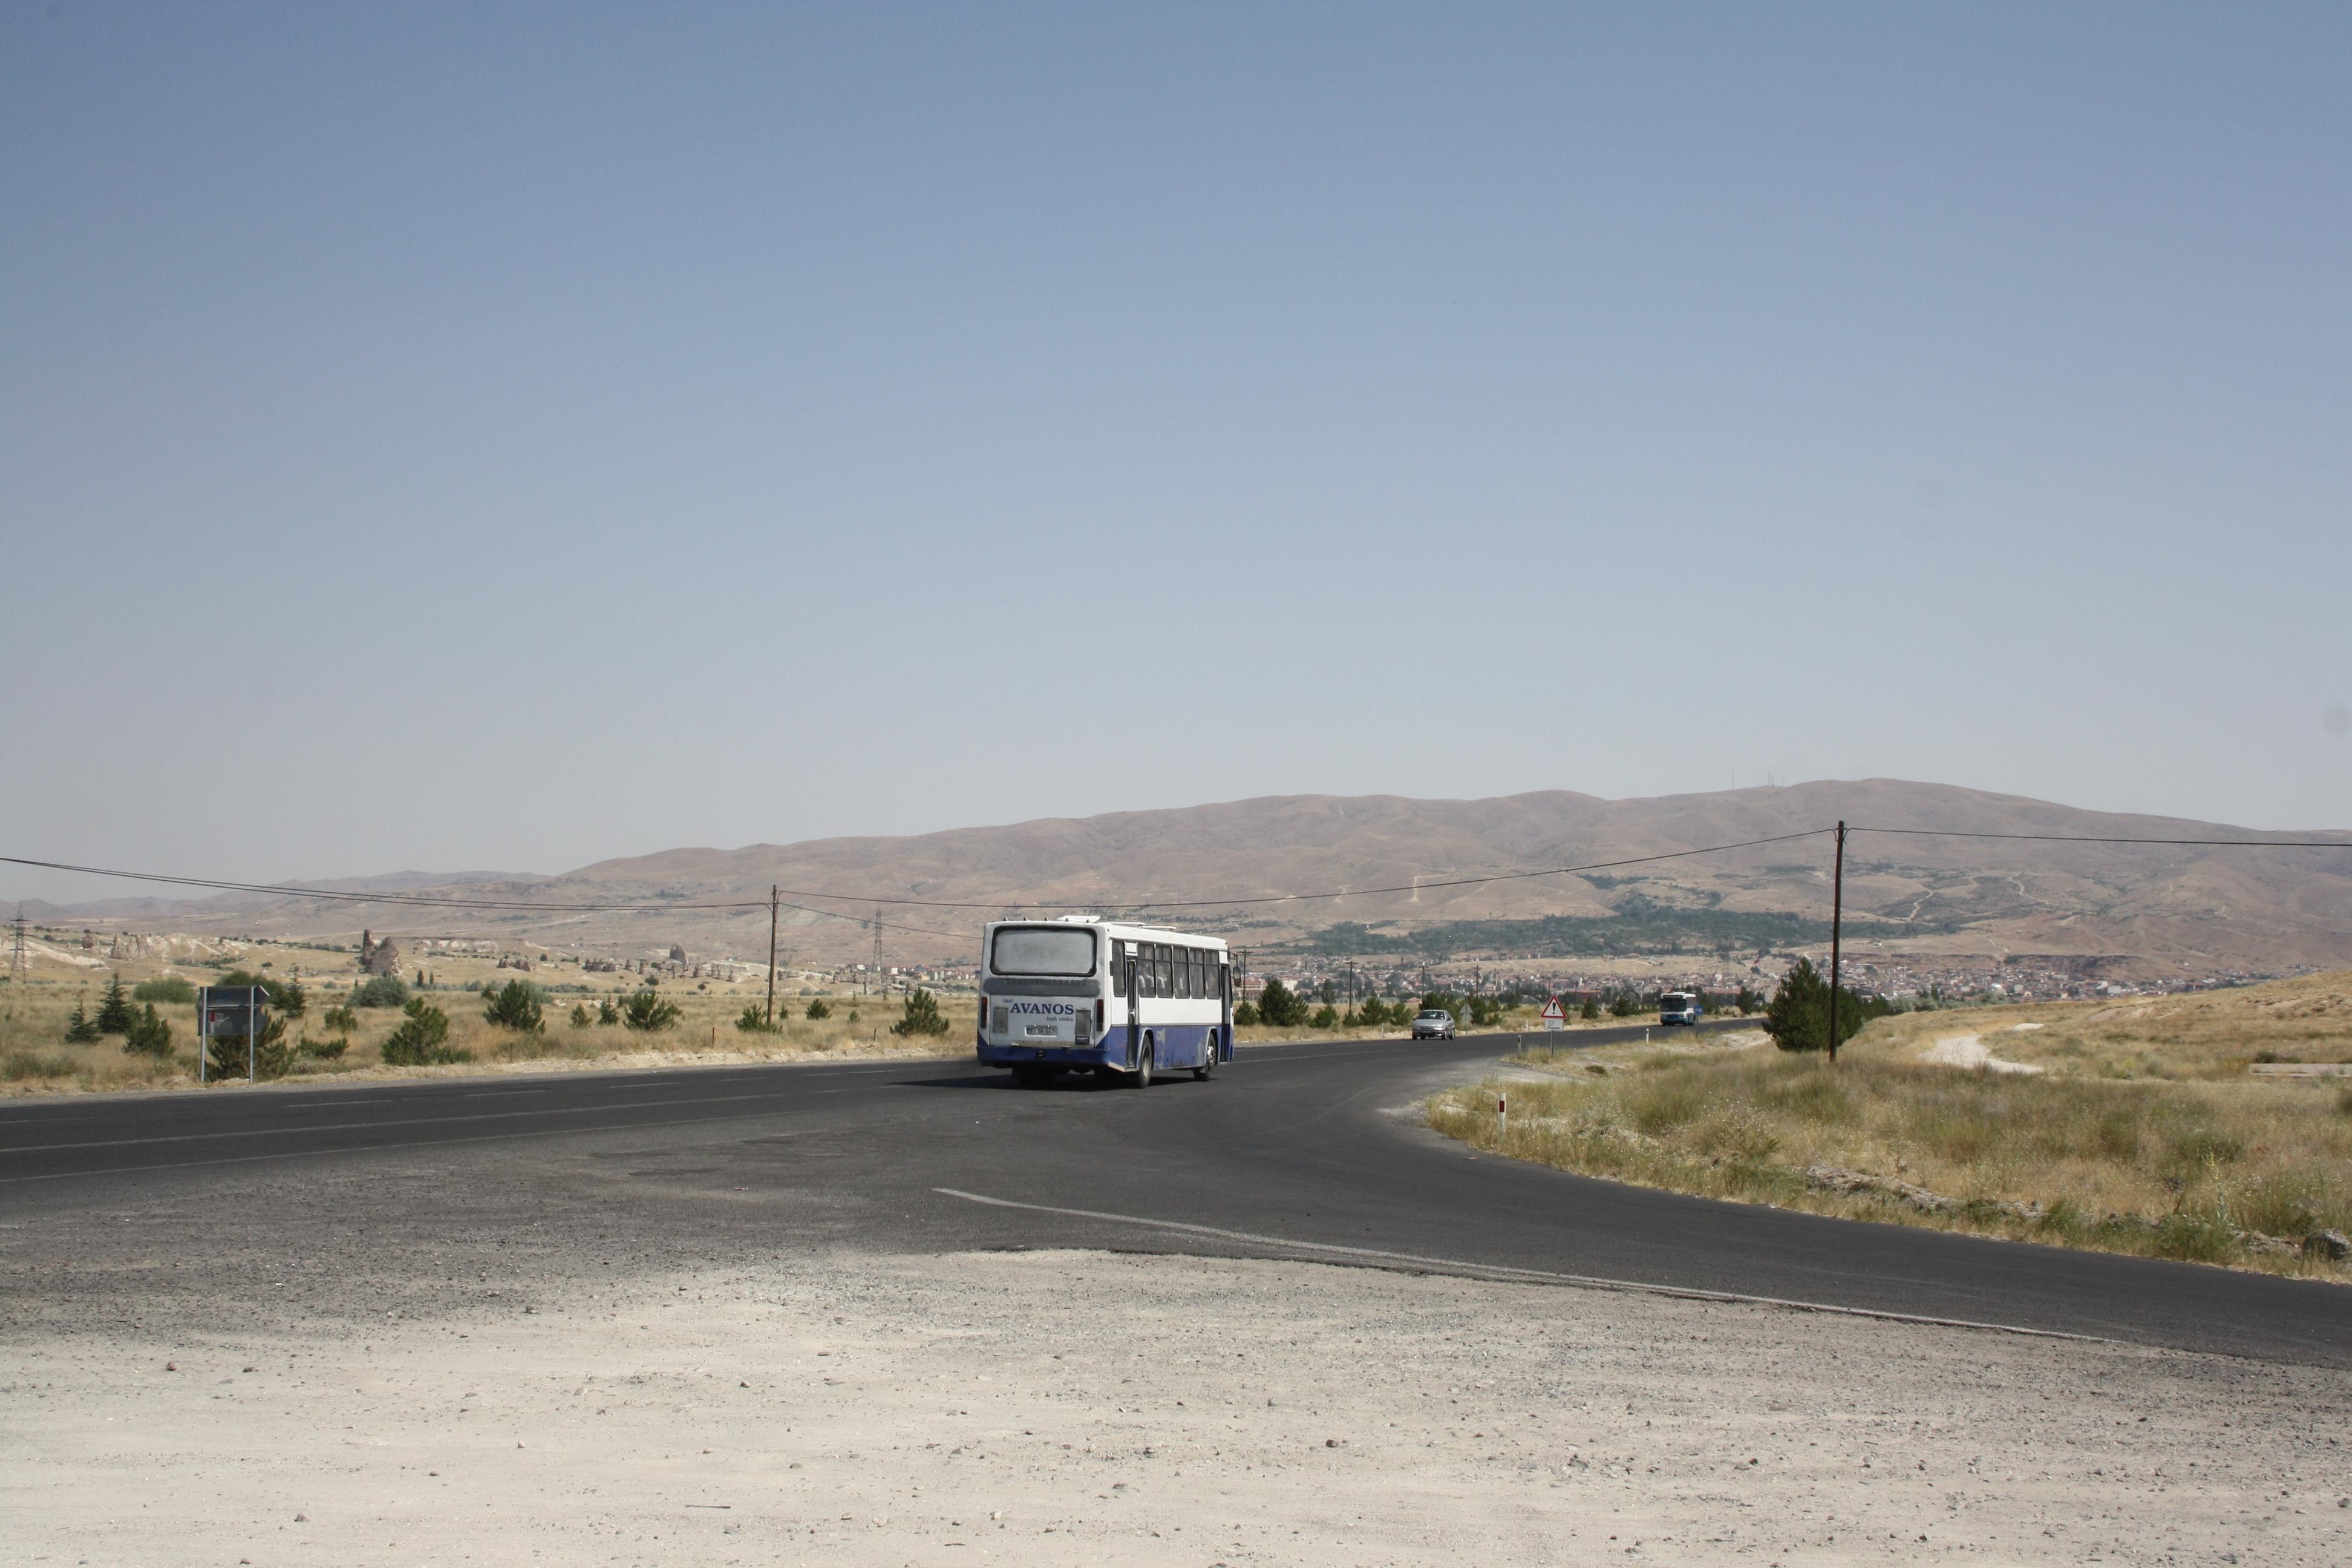 L'autobus che ci lascia a 3,5 km da Zelve